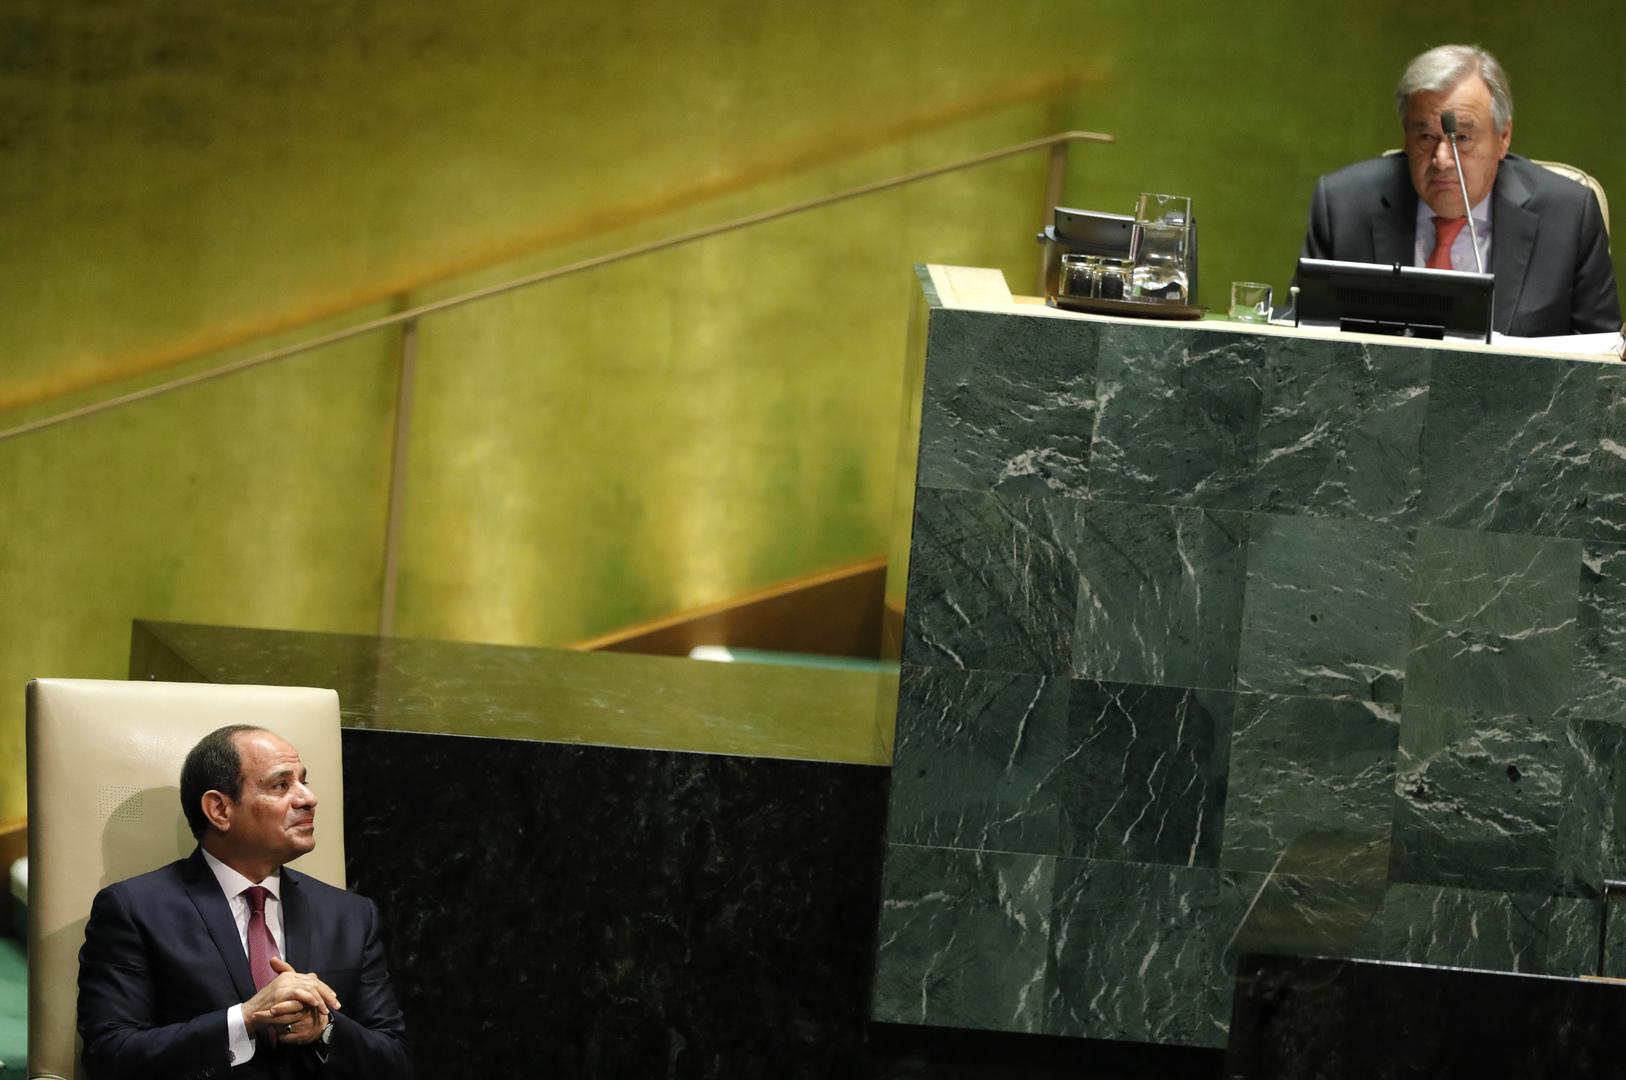 شكري: تحييد السيسي لخط سرت الجفرة أثر إيجابيا في الأزمة الليبية